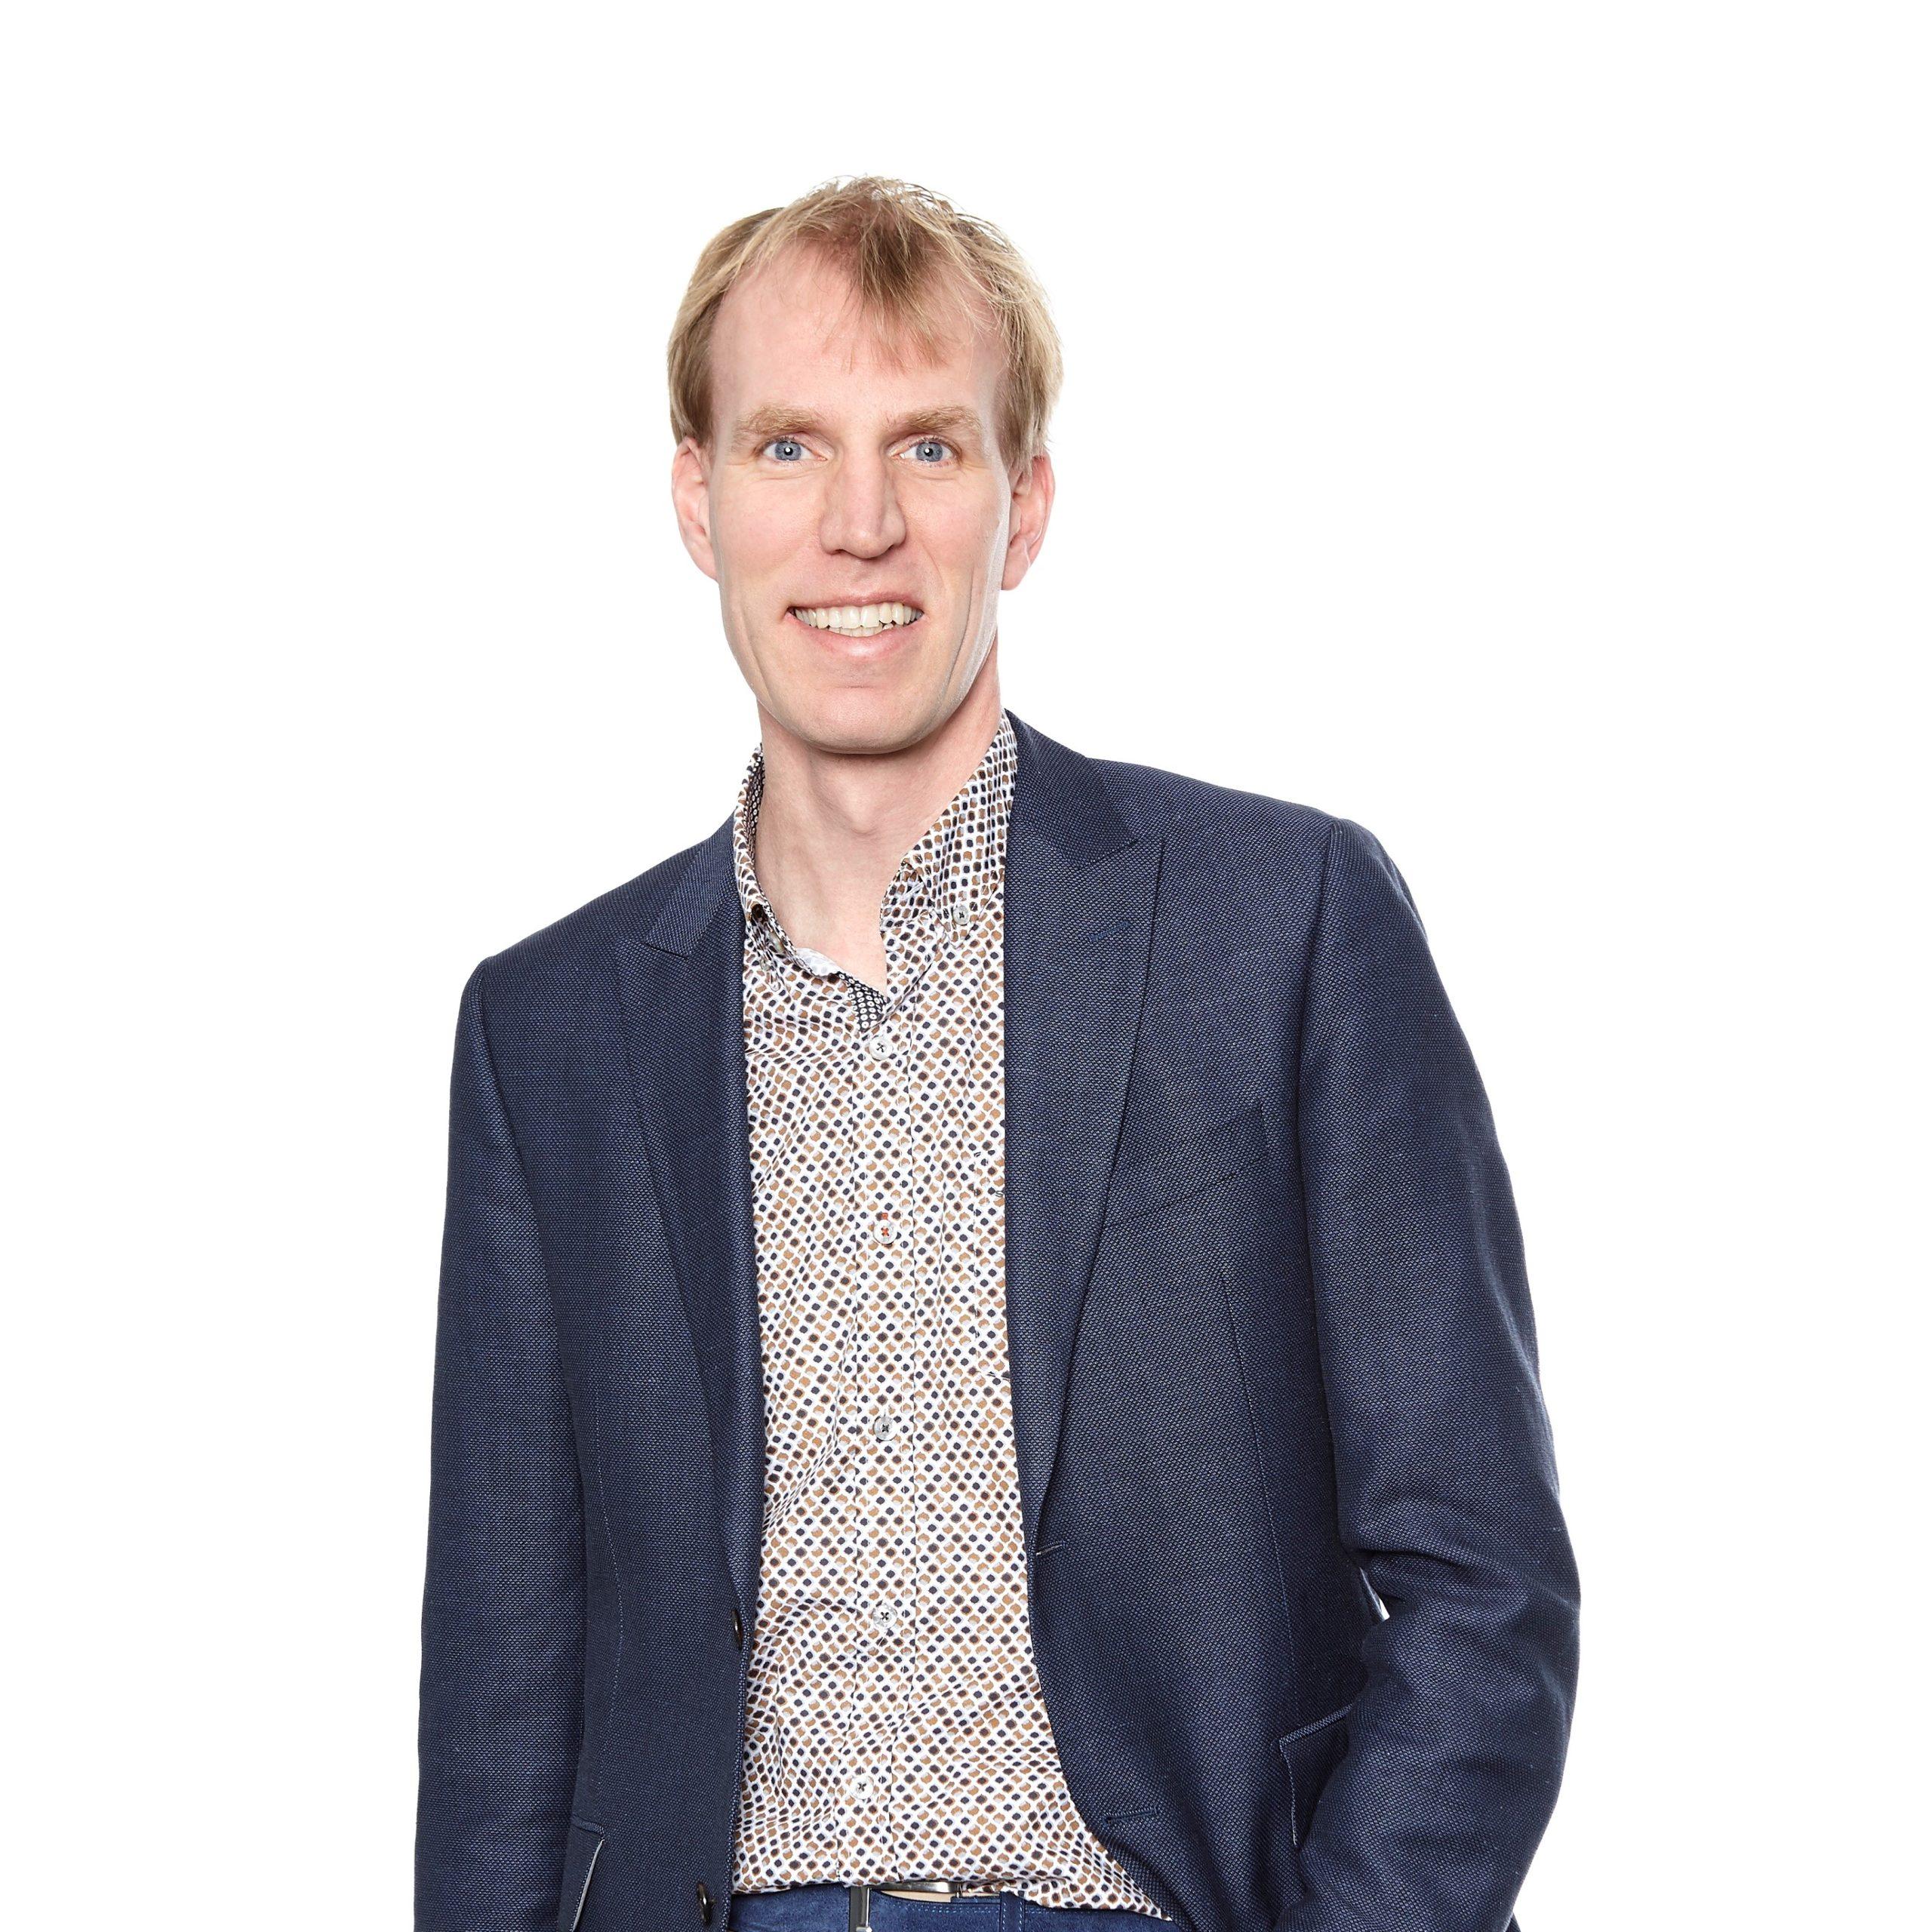 Niels Ramkema